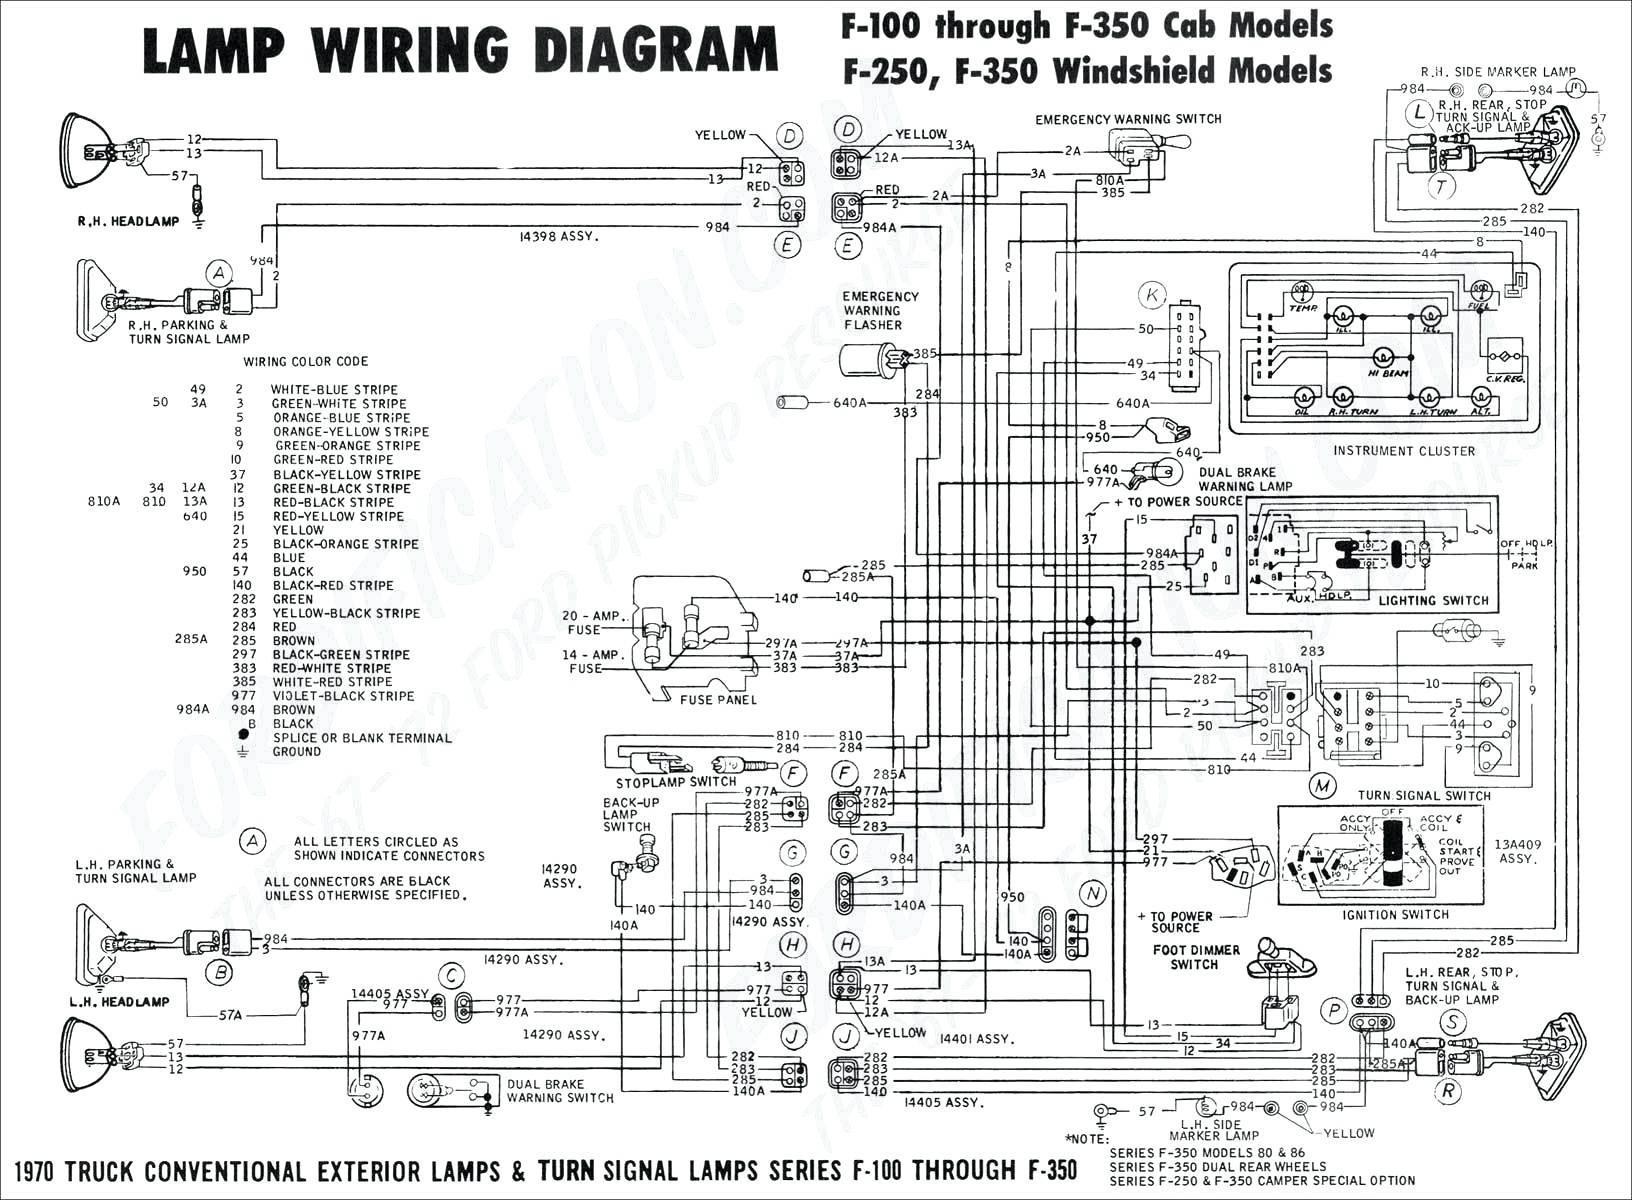 5 9 Cummins Engine Diagram 2 6 9 Glow Plug Relay Wiring Diagram Best Chevy 6 5 Diesel Engine Of 5 9 Cummins Engine Diagram 2